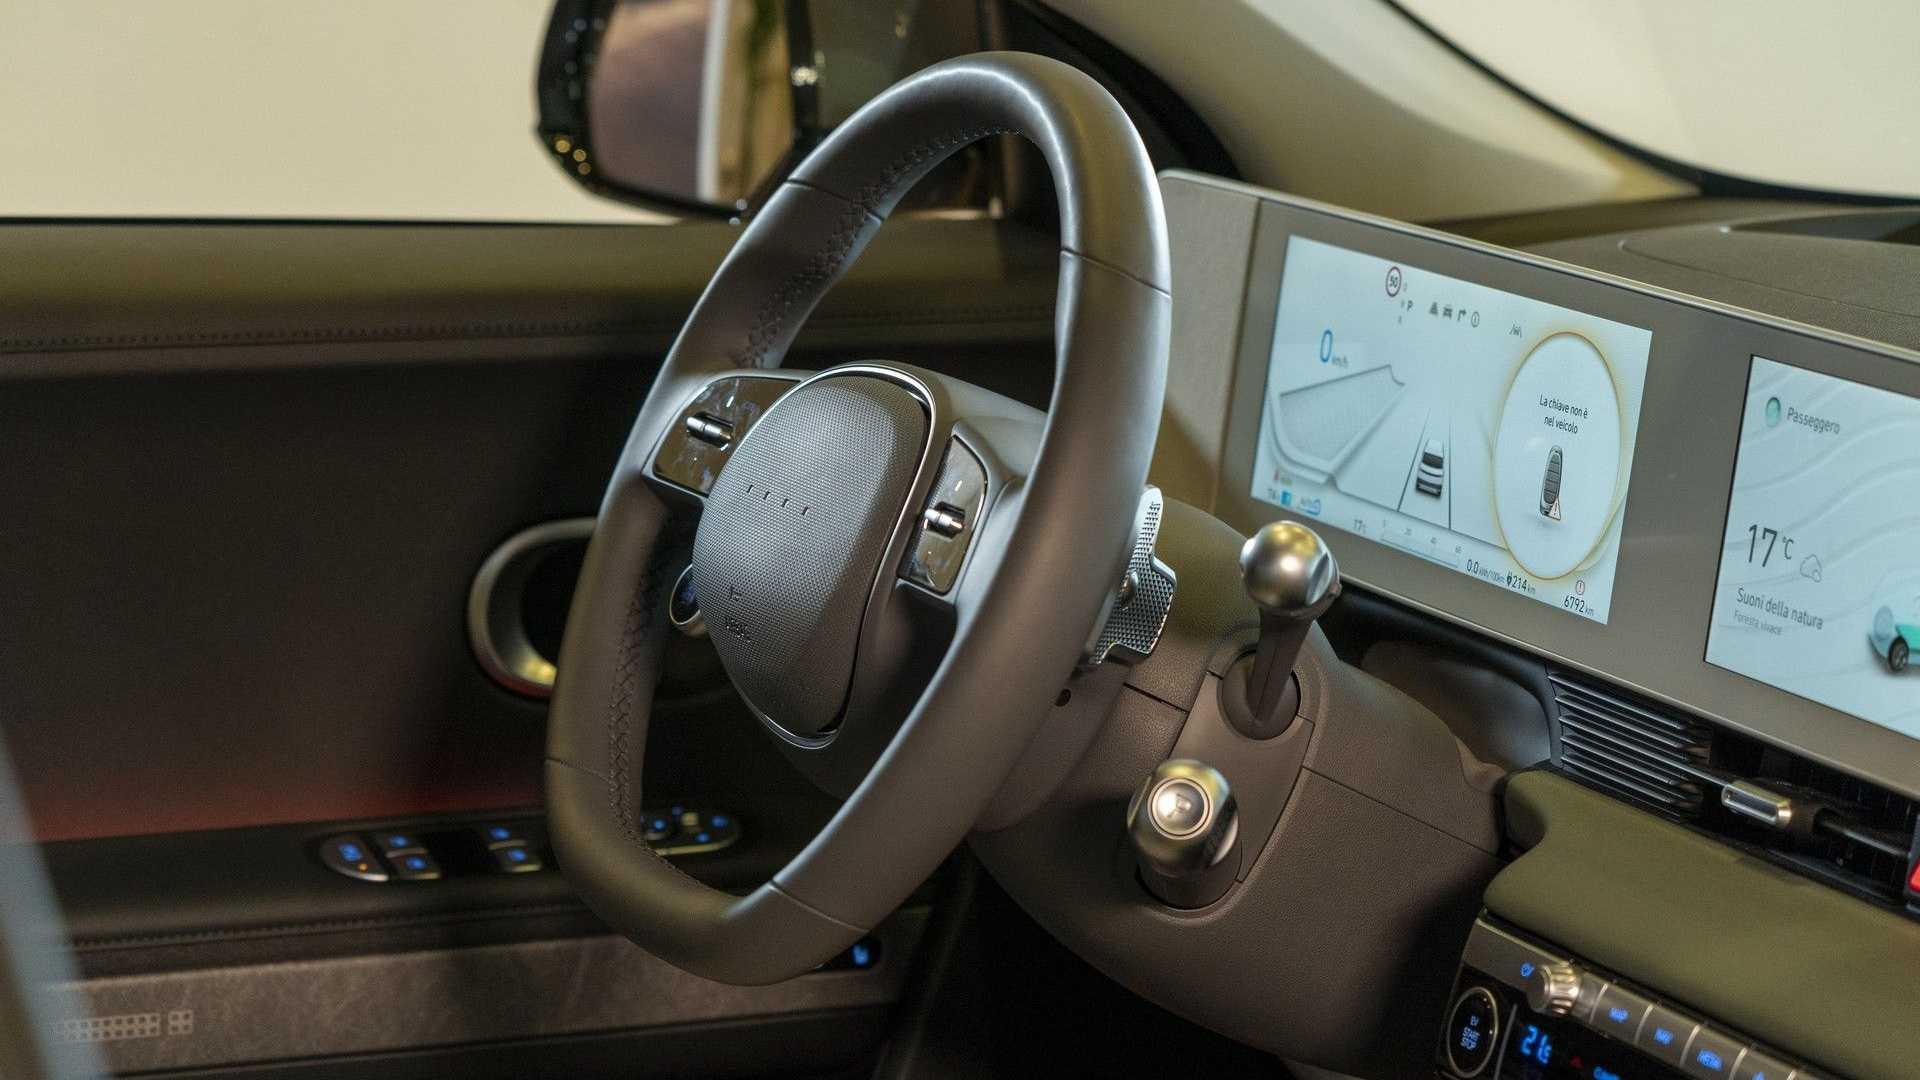 La ricetta Hyundai per battere la crisi dei chip: fare tutto da sé